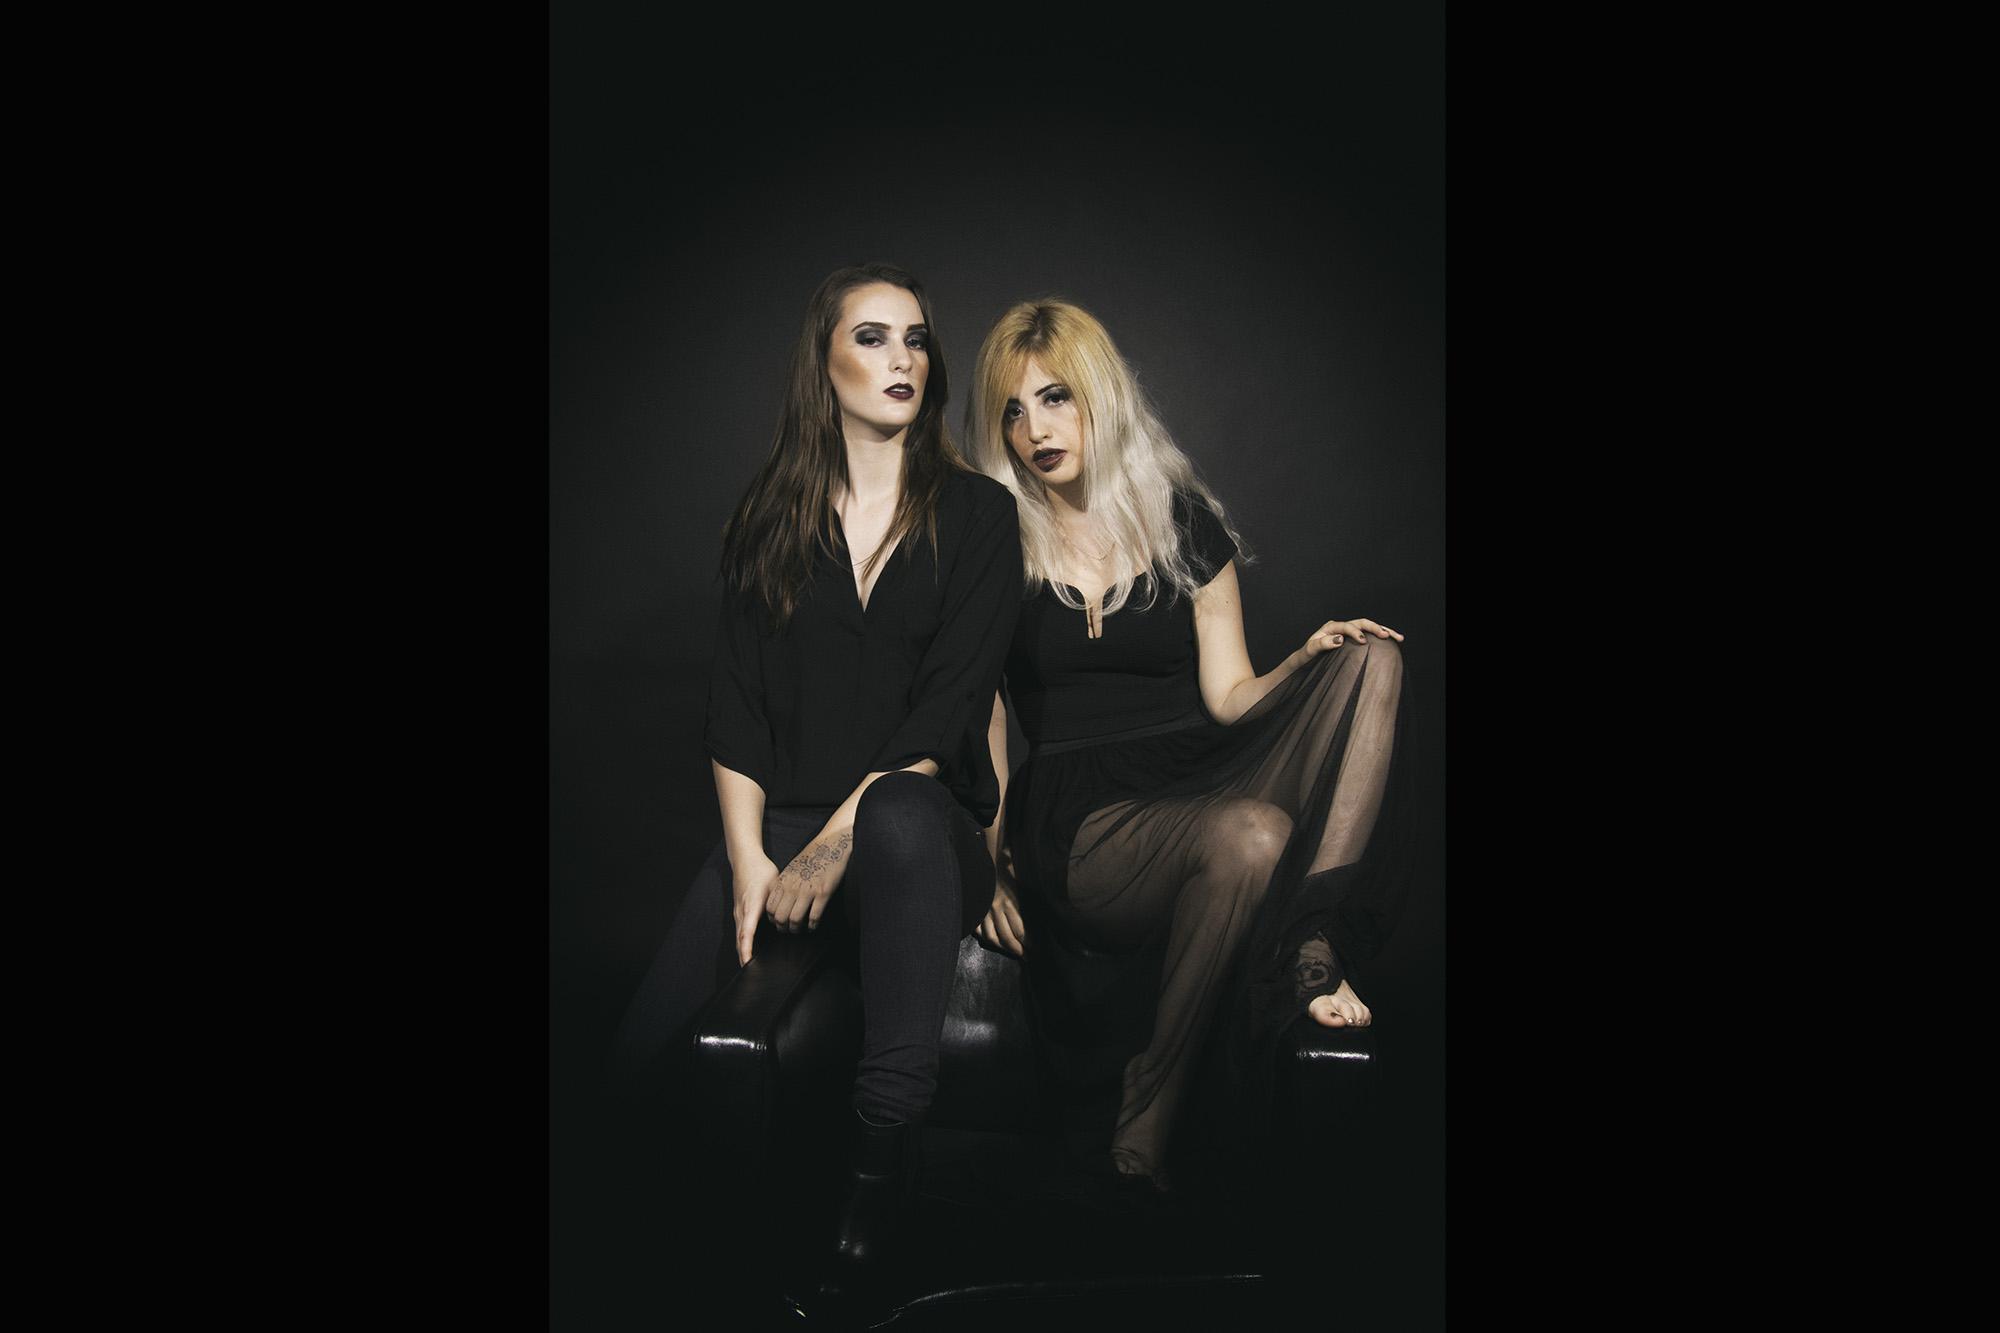 Photo tirée du portfolio de JessieL Photographe.